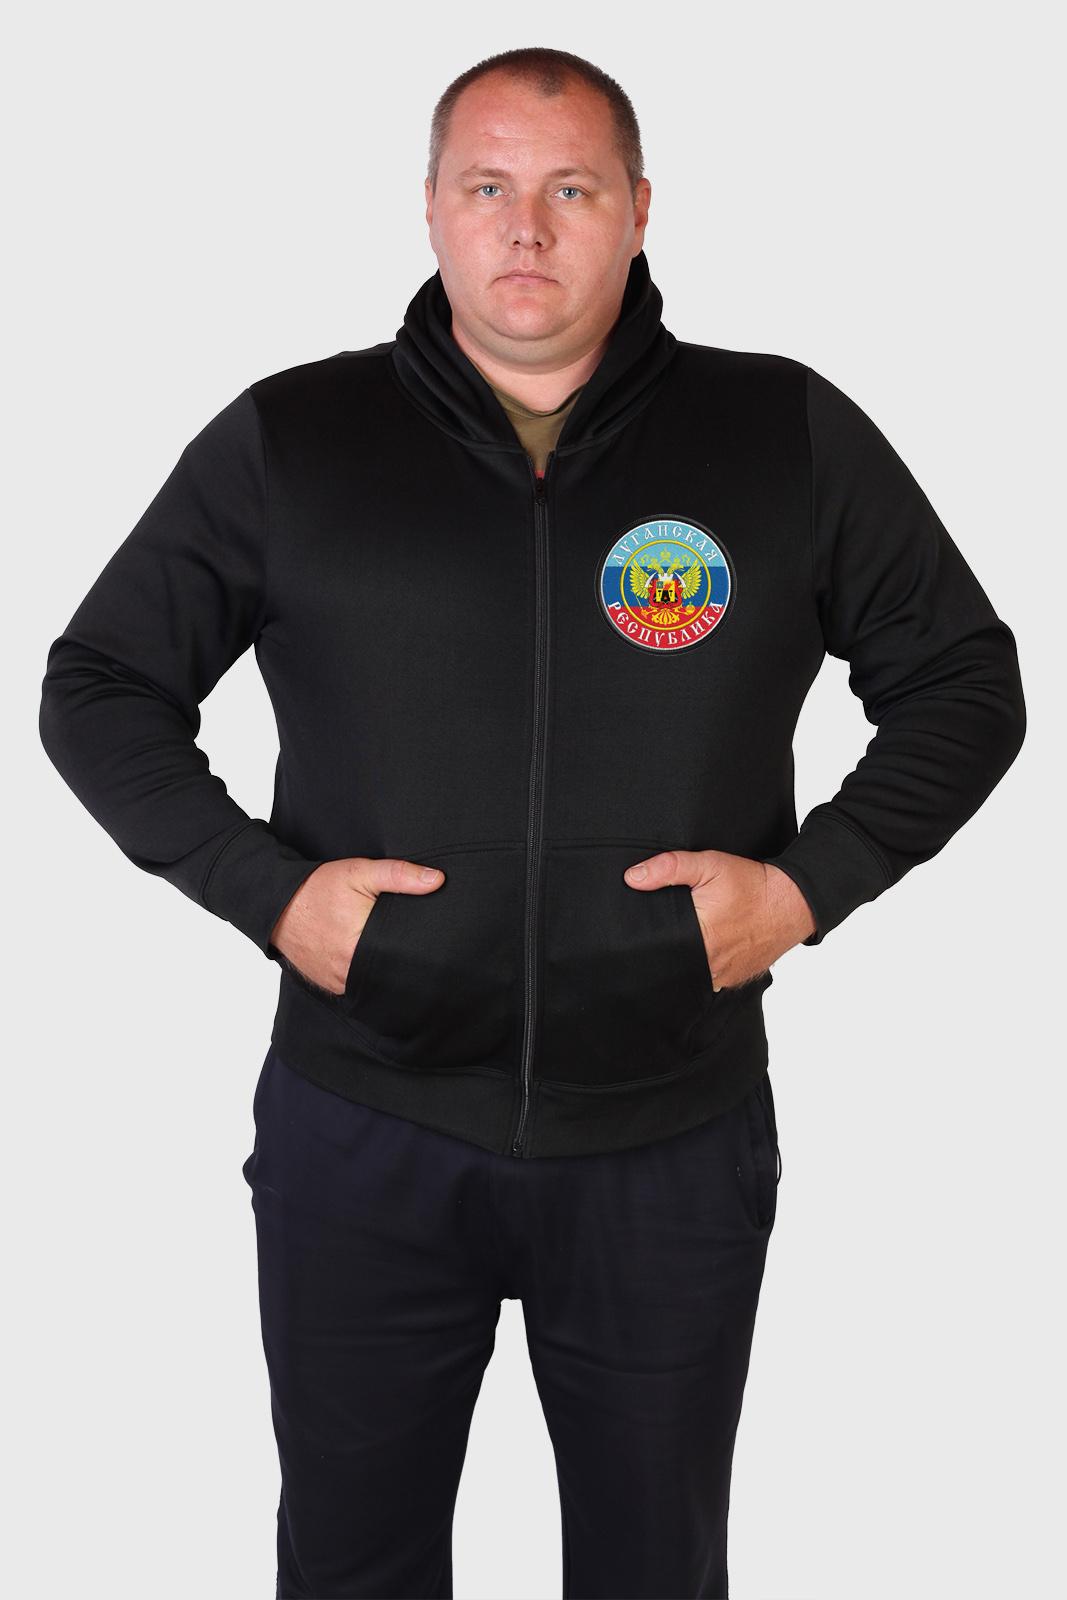 Свободная милитари толстовка Луганская Республика.